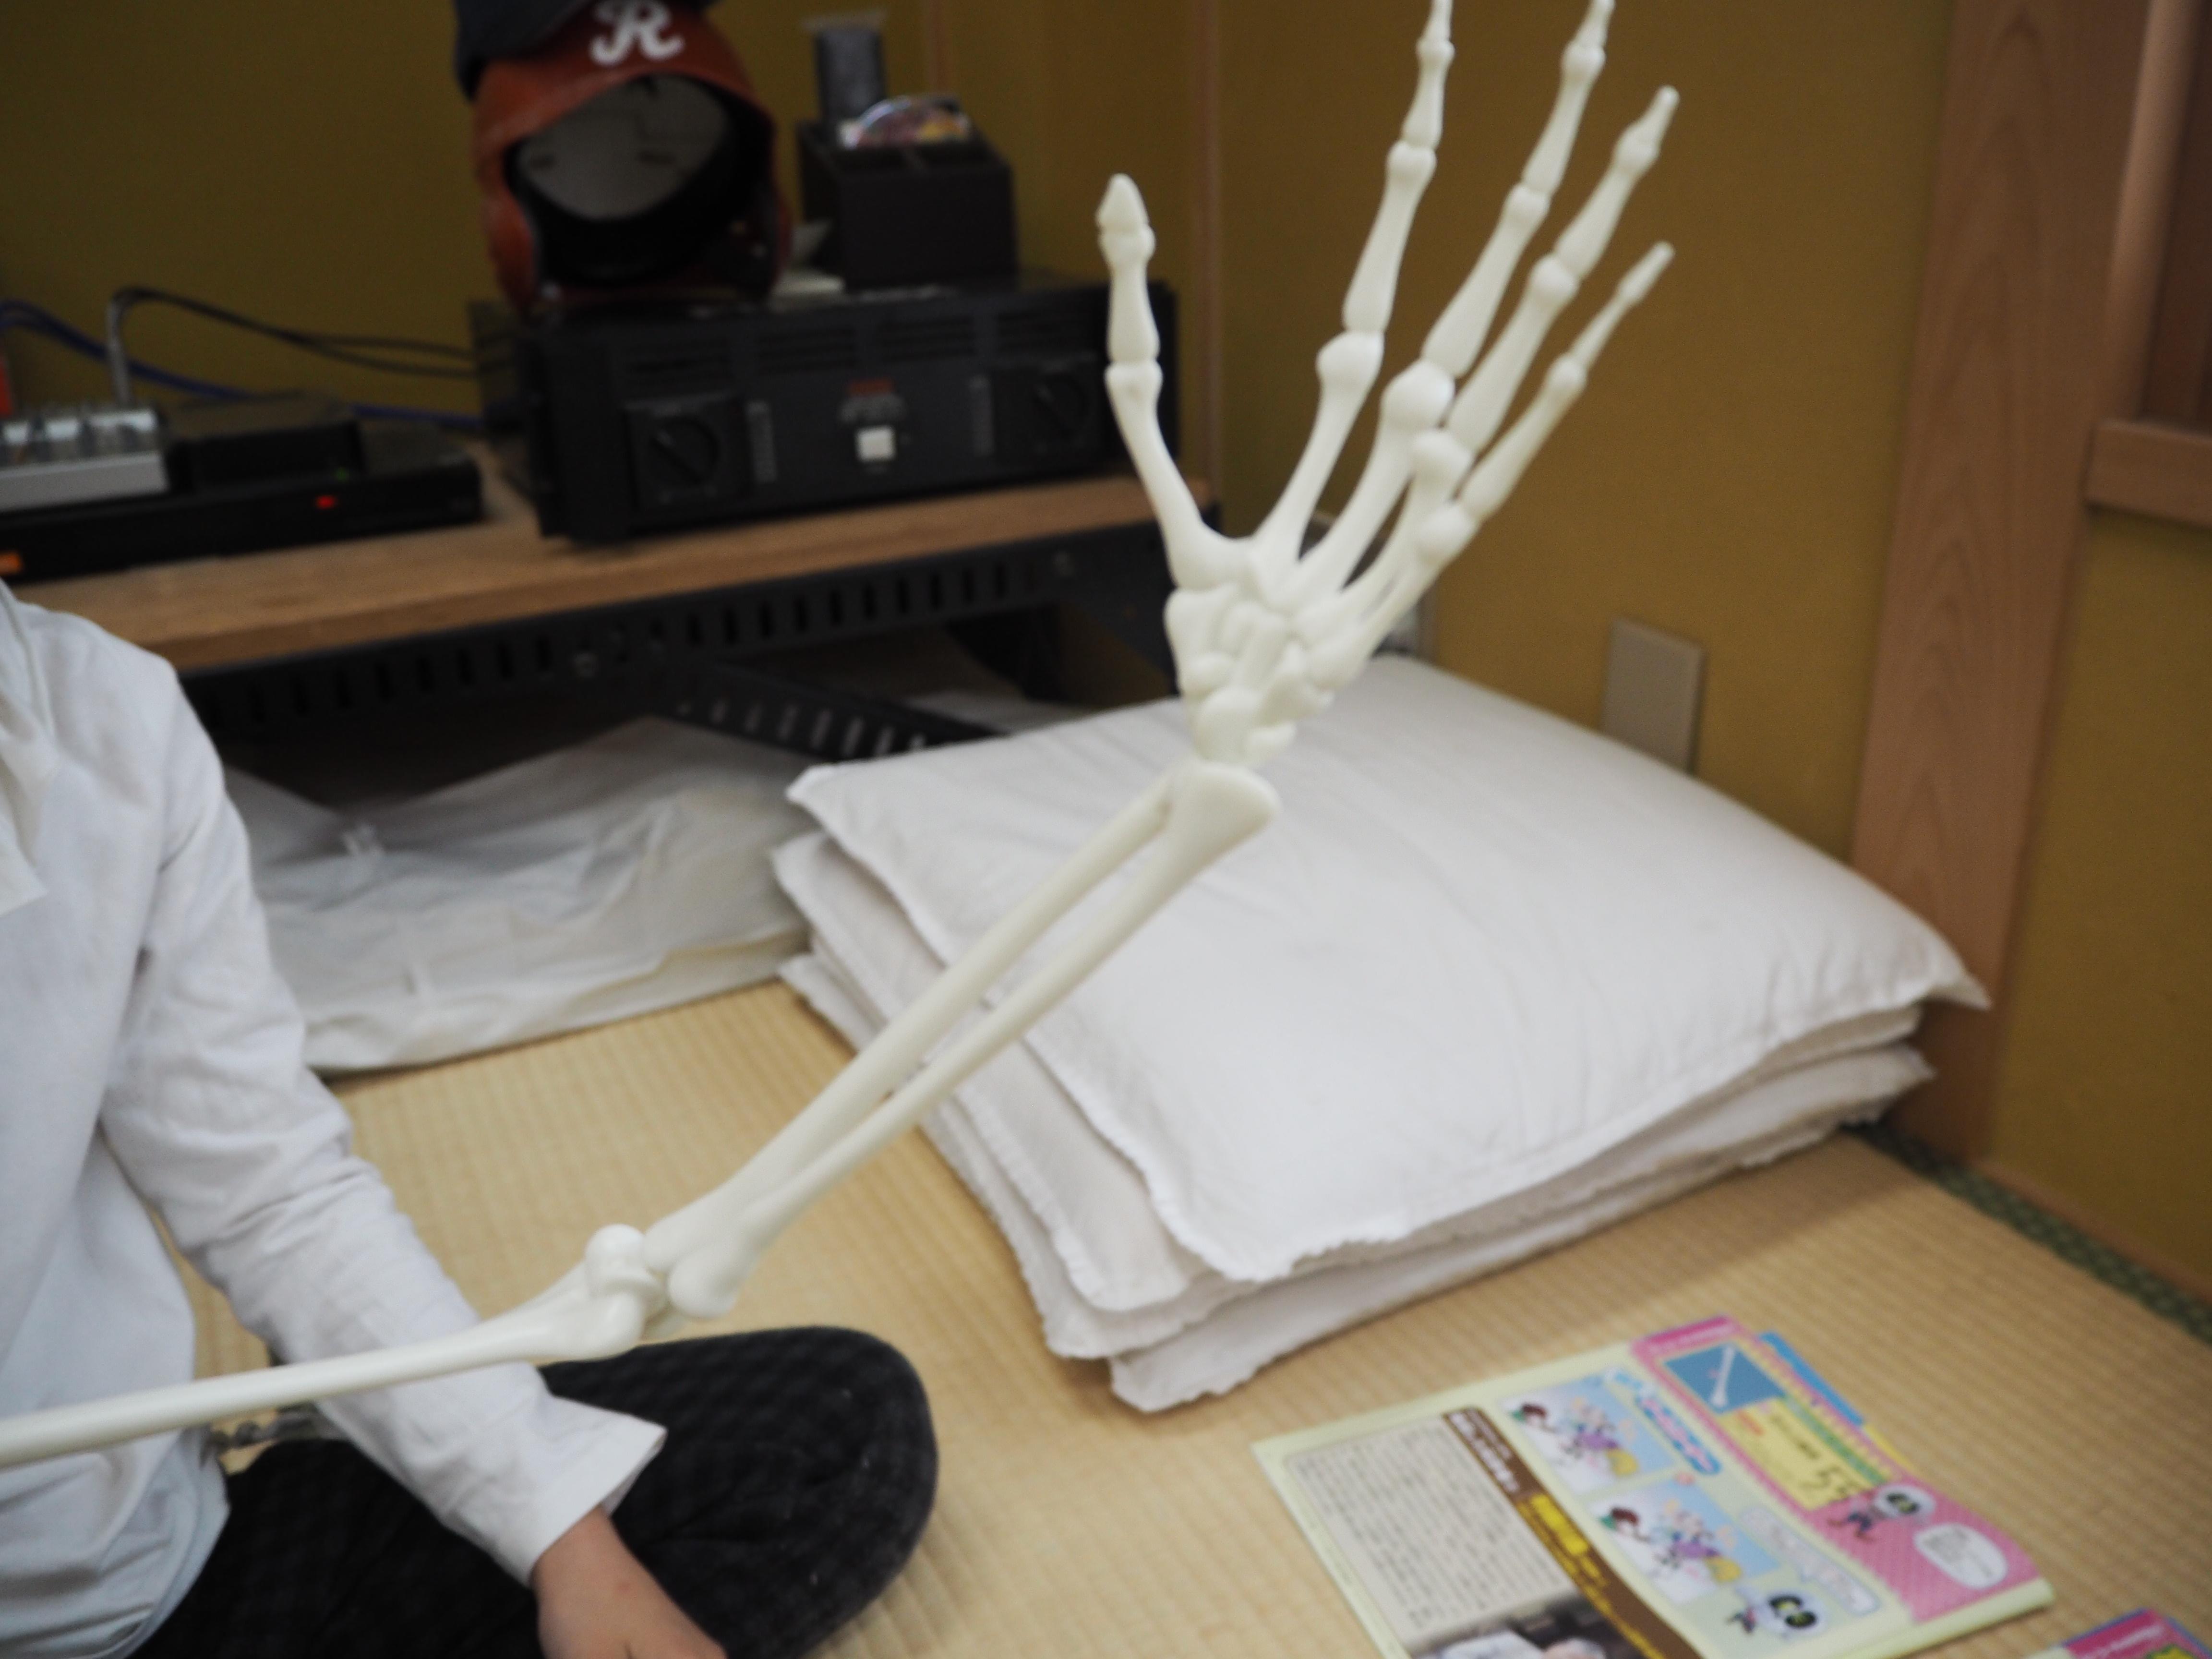 左腕が完成。ホネッキーはん、えらいスマートな腕、してはりますな。